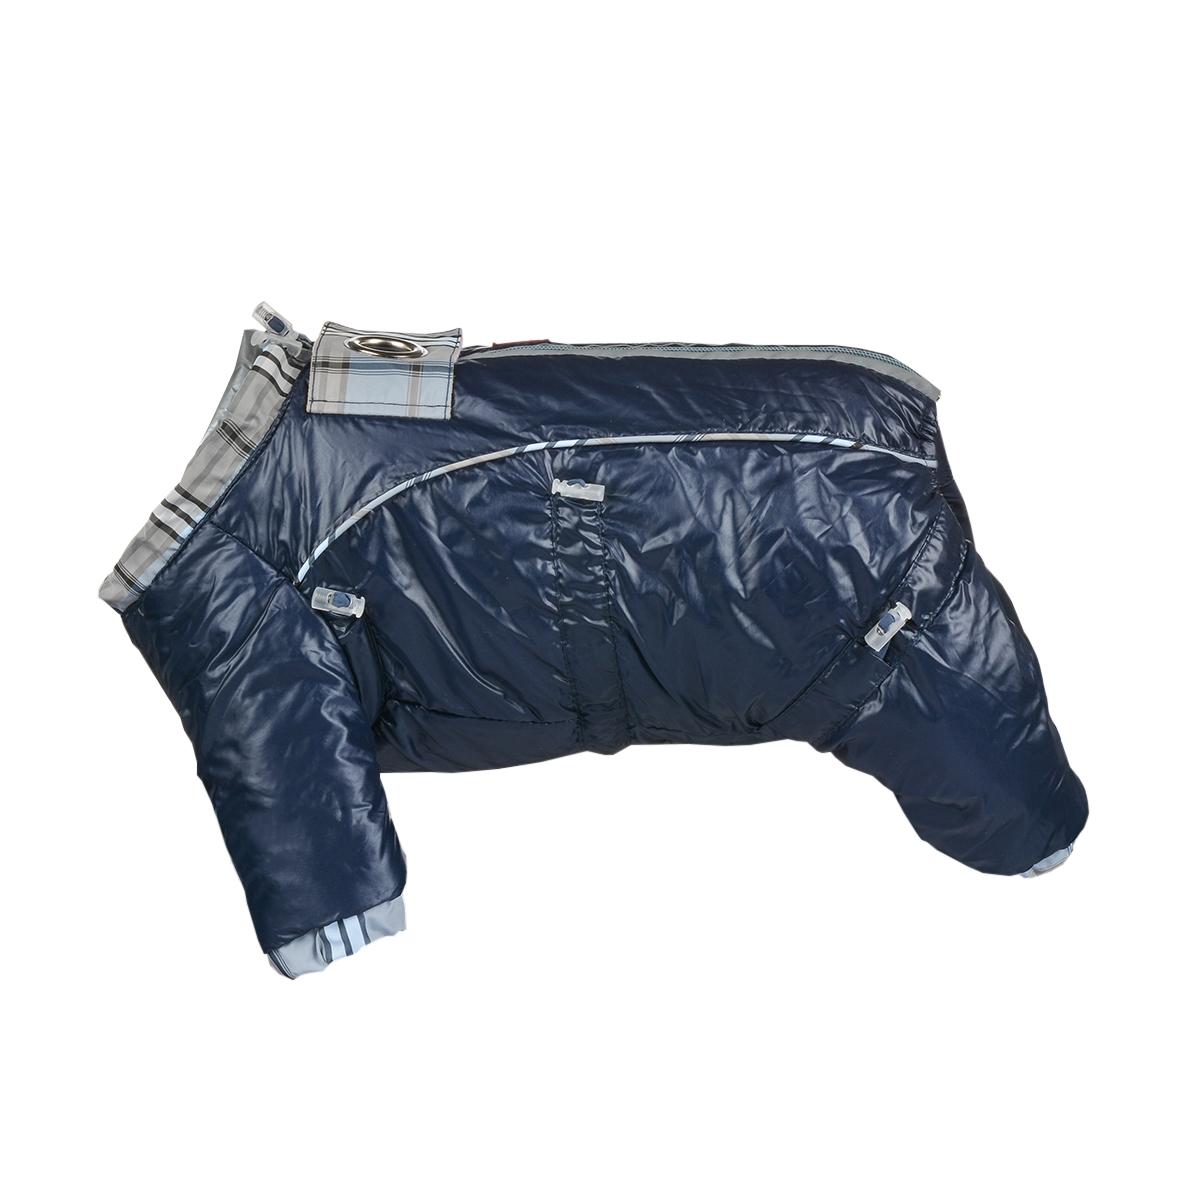 Комбинезон для собак Dogmoda Doggs, зимний, для мальчика, цвет: темно-синий. Размер MDM-140534Комбинезон для собак Dogmoda Doggs отлично подойдет для прогулок в зимнее время года. Комбинезон изготовлен из полиэстера, защищающего от ветра и снега, с утеплителем из синтепона, который сохранит тепло даже в сильные морозы, а на подкладке используется искусственный мех, который обеспечивает отличный воздухообмен. Комбинезон застегивается на молнию и липучку, благодаря чему его легко надевать и снимать. Молния снабжена светоотражающими элементами. Низ рукавов и брючин оснащен внутренними резинками, которые мягко обхватывают лапки, не позволяя просачиваться холодному воздуху. На вороте, пояснице и лапках комбинезон затягивается на шнурок-кулиску с затяжкой. Модель снабжена непромокаемым карманом для размещения записки с информацией о вашем питомце, на случай если он потеряется. Благодаря такому комбинезону простуда не грозит вашему питомцу и он не даст любимцу продрогнуть на прогулке.